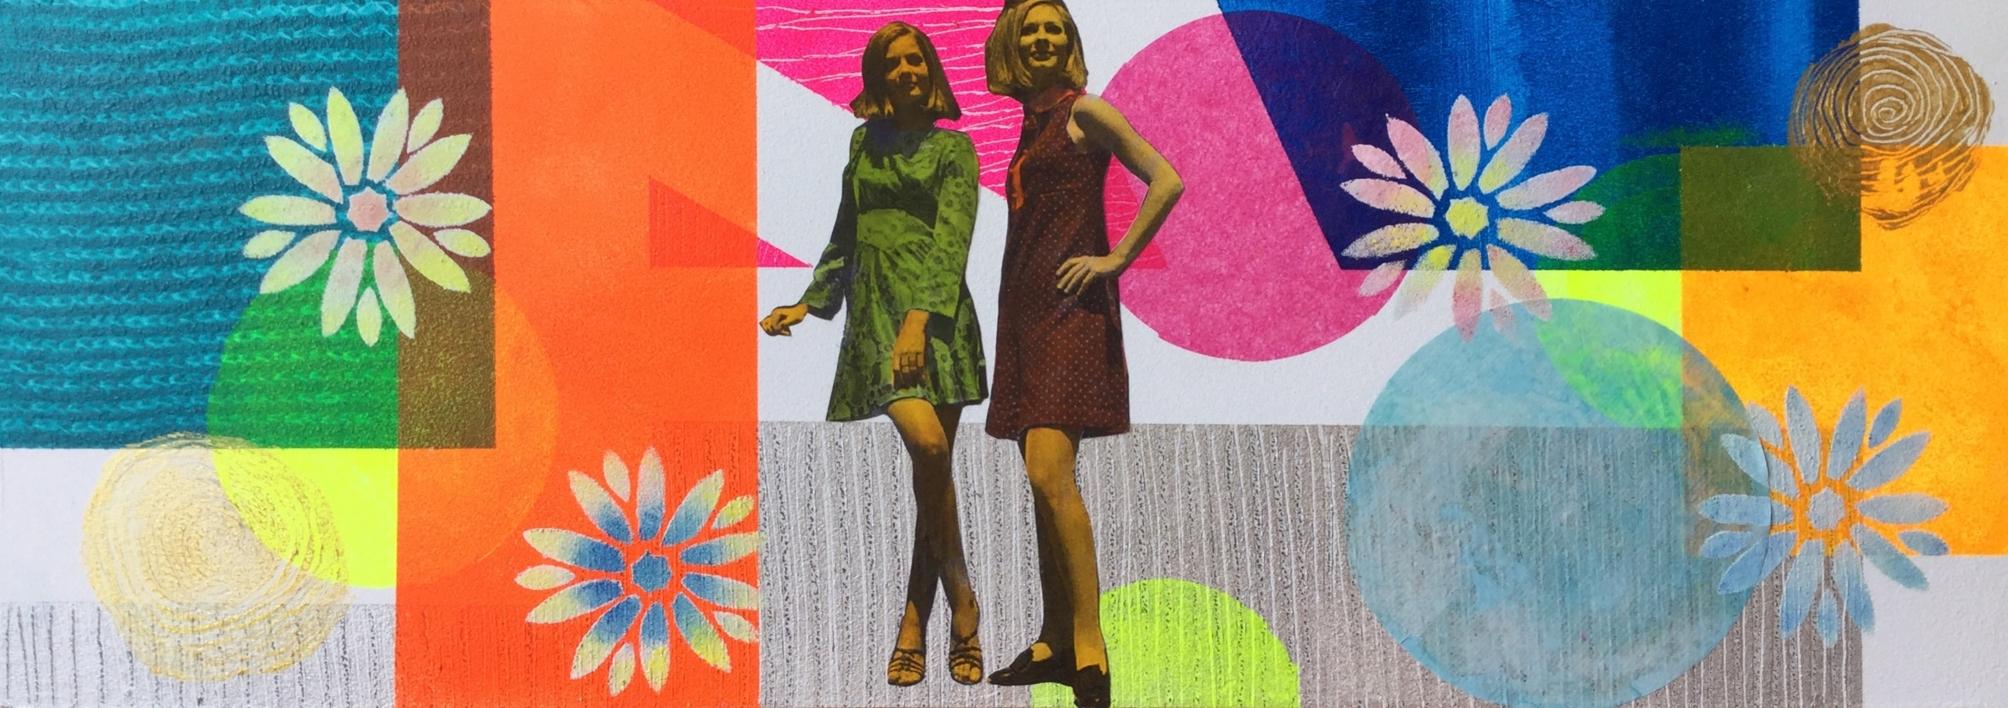 La parada |Collage de Olga Moreno Maza | Compra arte en Flecha.es